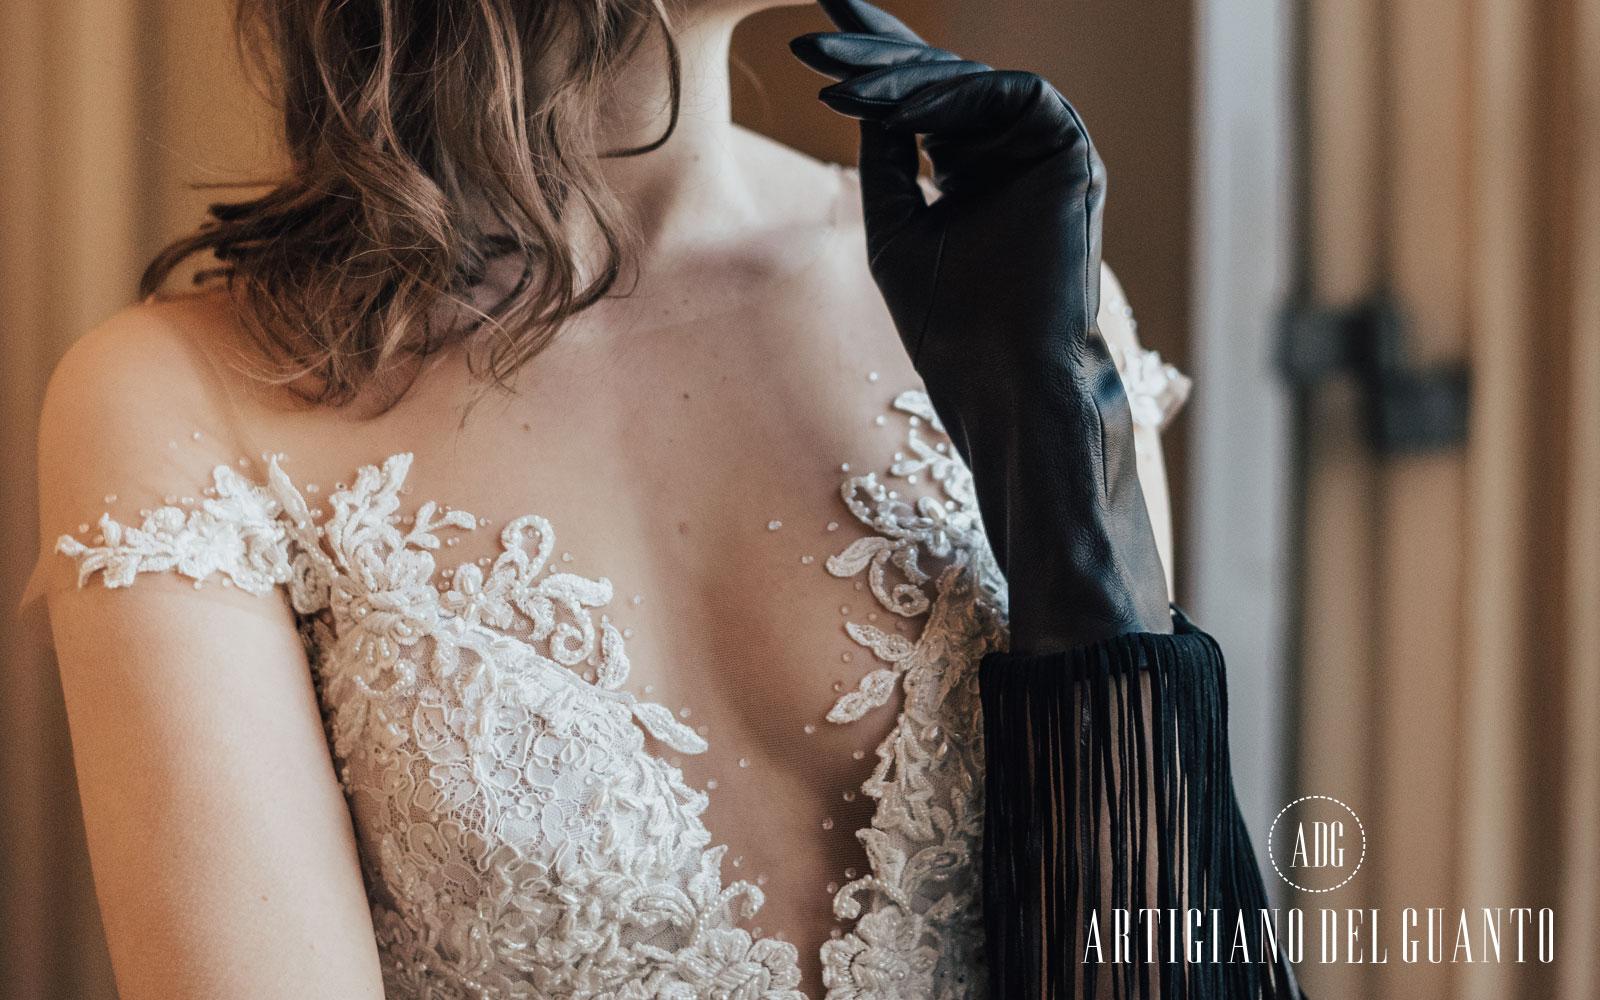 Collezione femminile guanti artigianali Artigiano Del Guanto